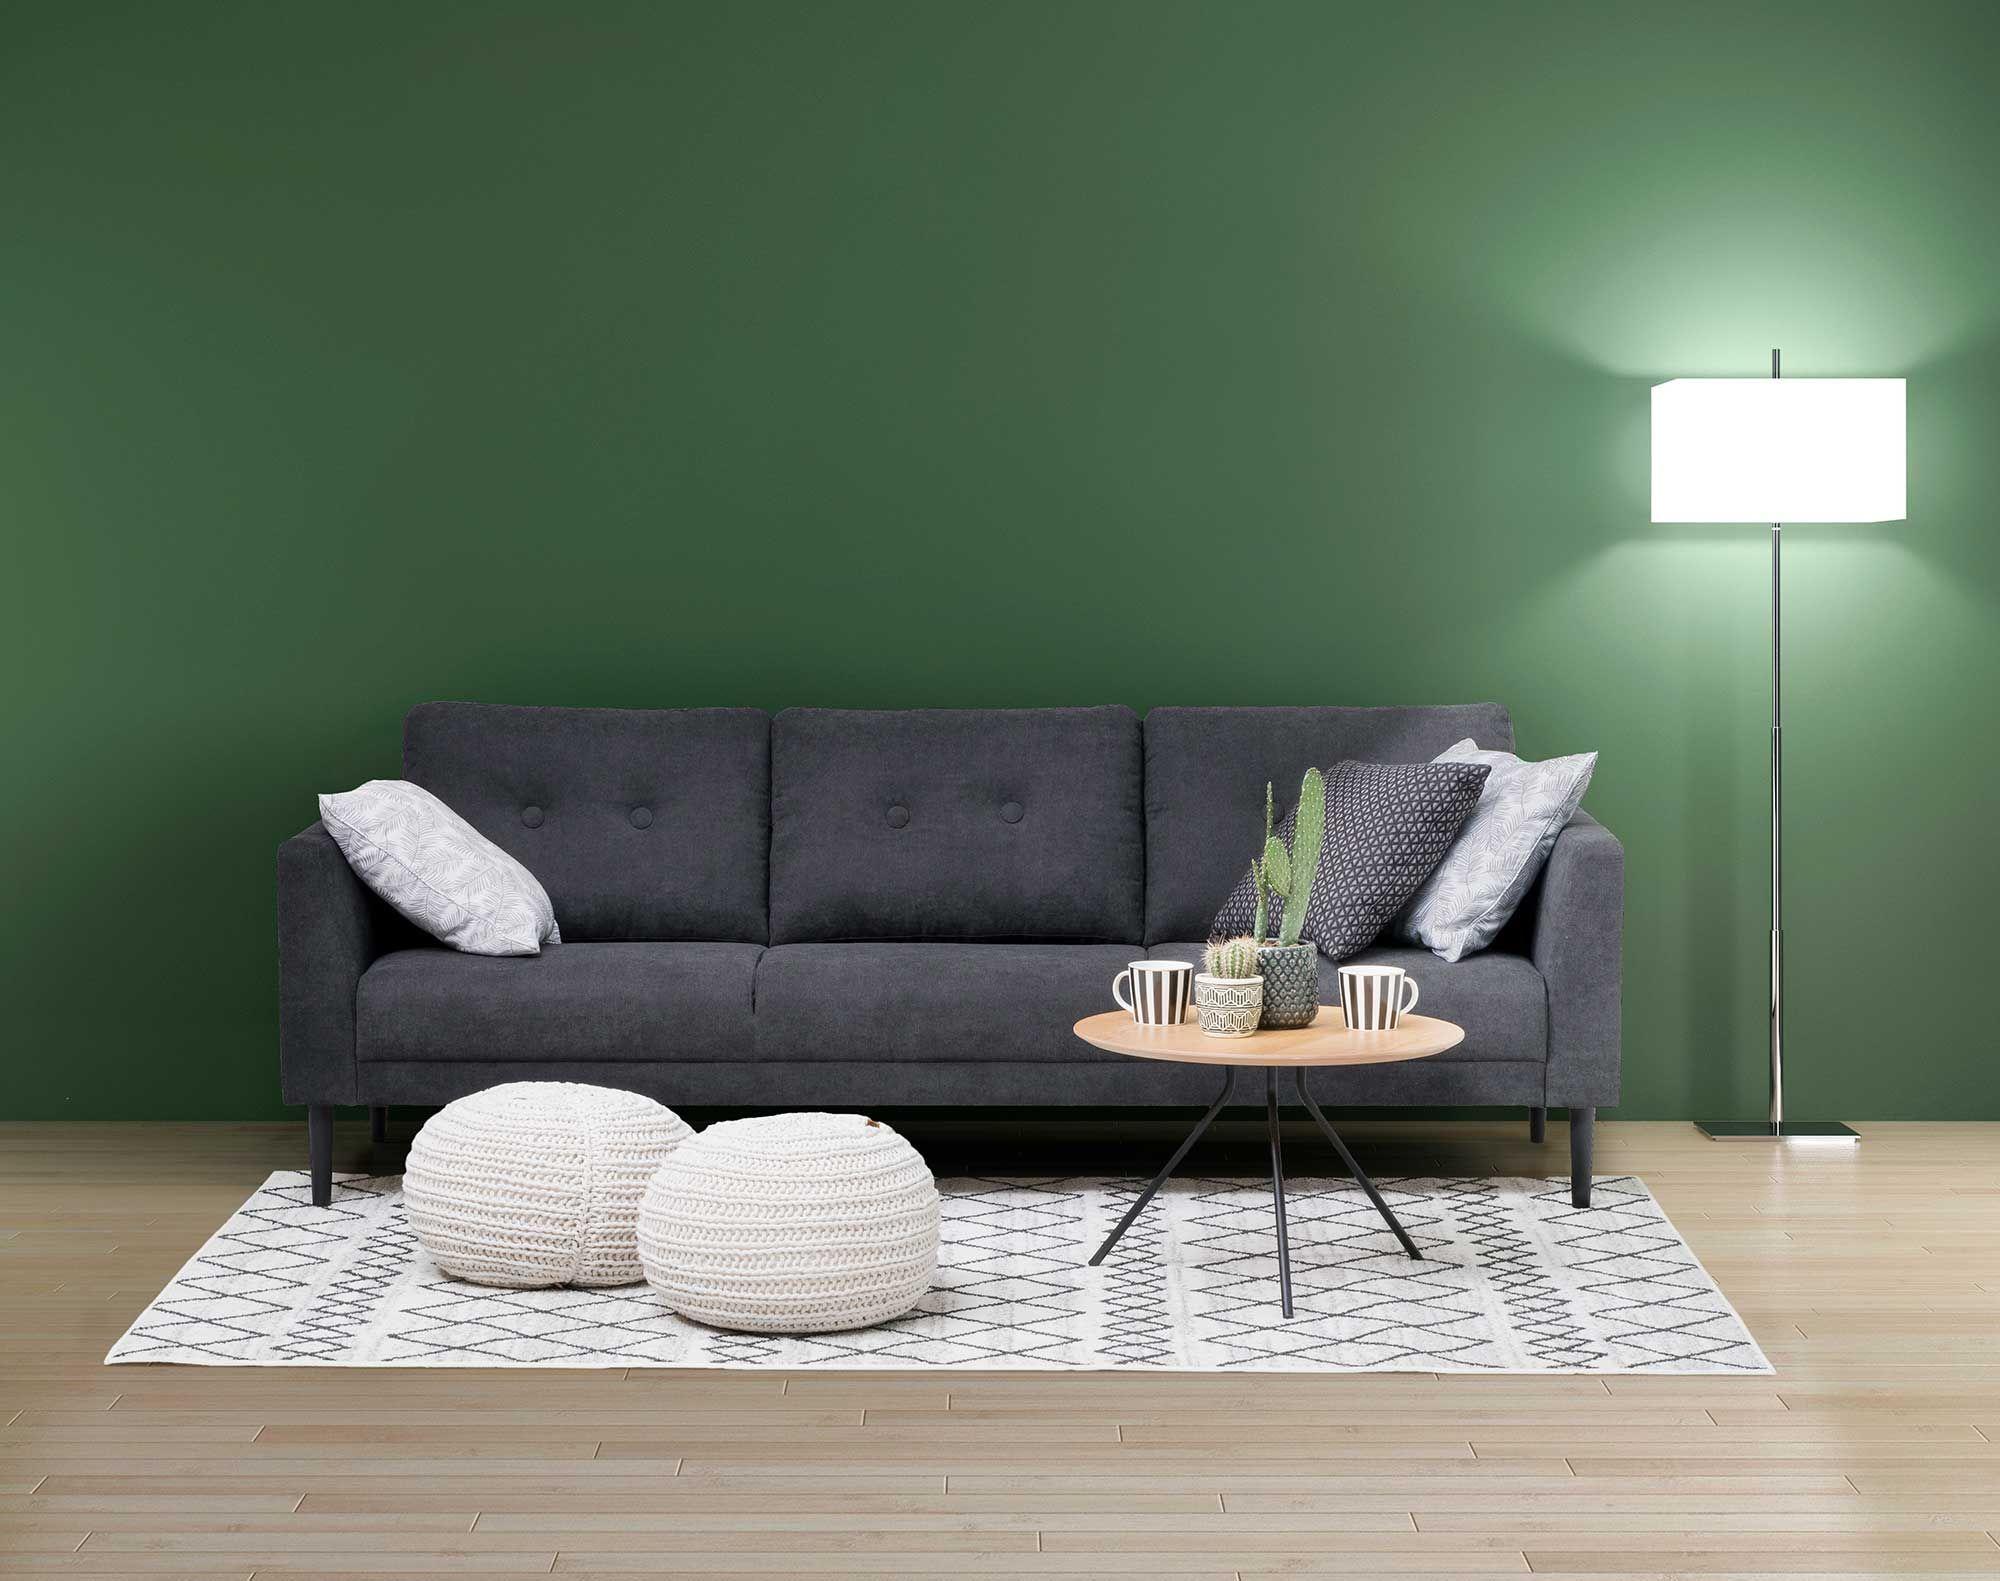 Alta 3 istuttava sohva | Kaunis koti, Sohva, Sohvaryhmä